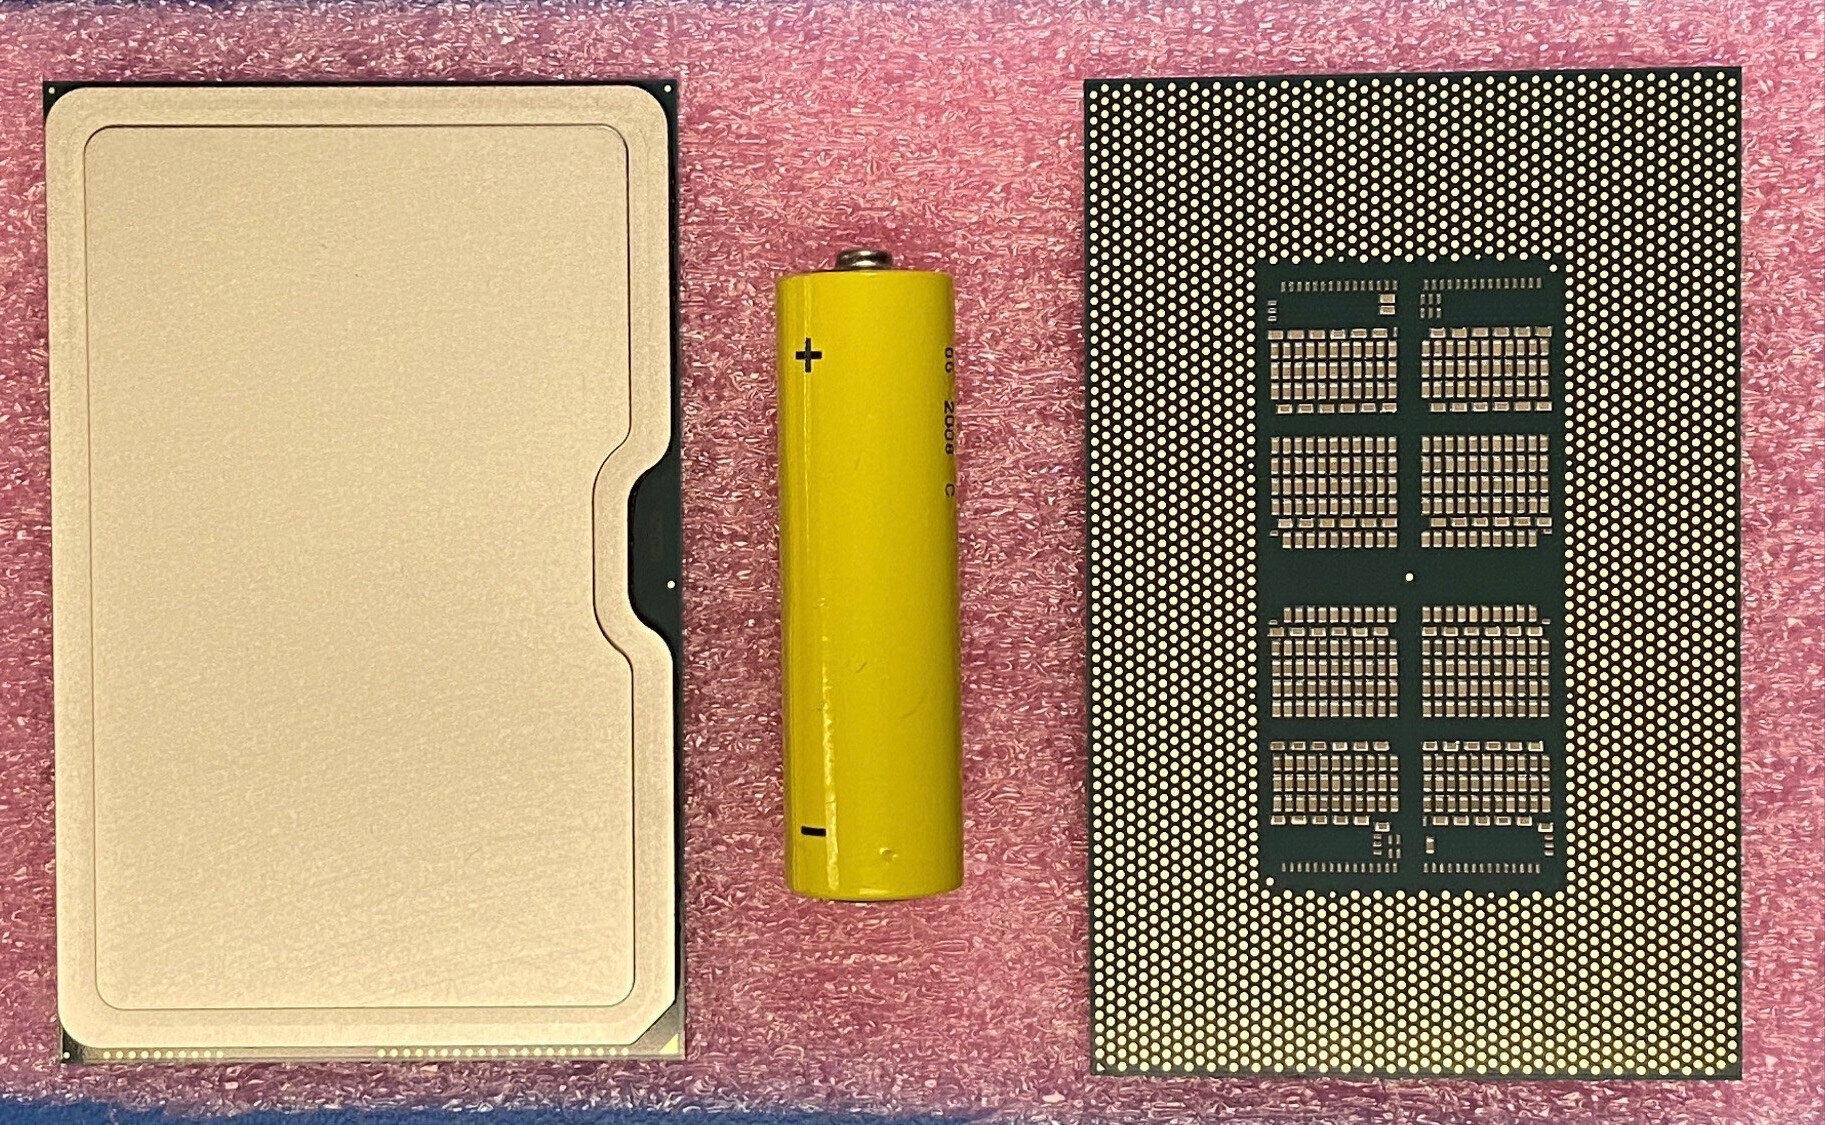 Intel GPU Xe Datacenter LGA